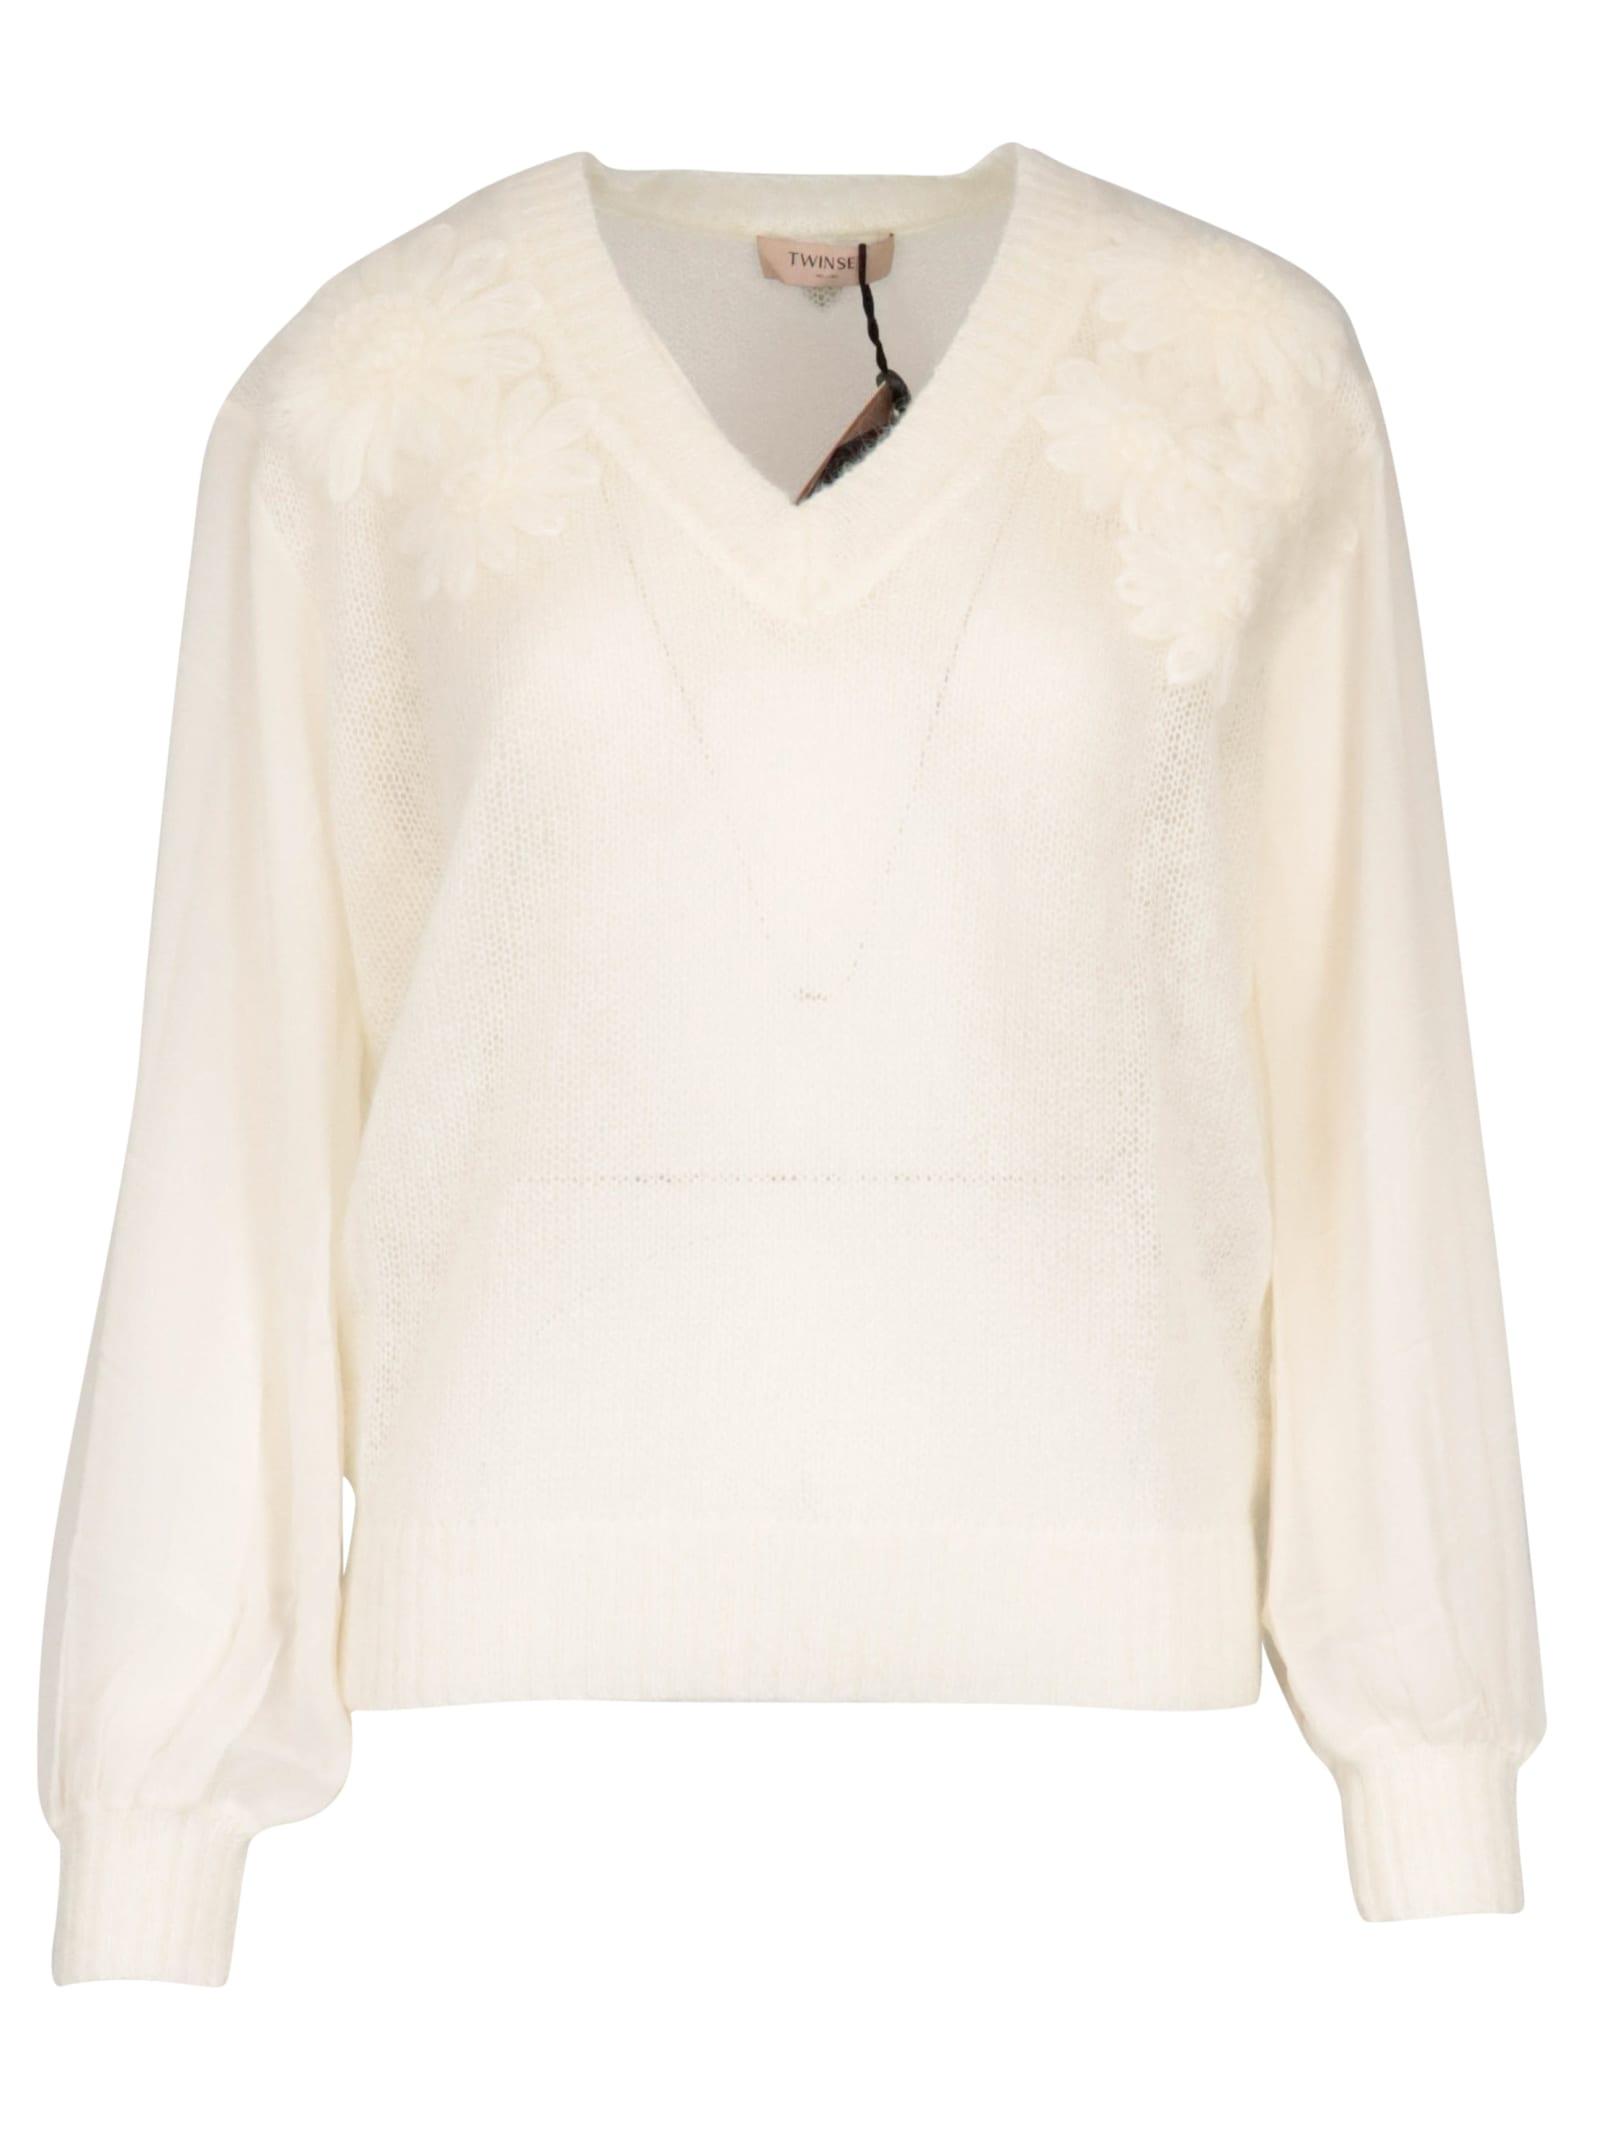 TwinSet Wool Top Top-wear